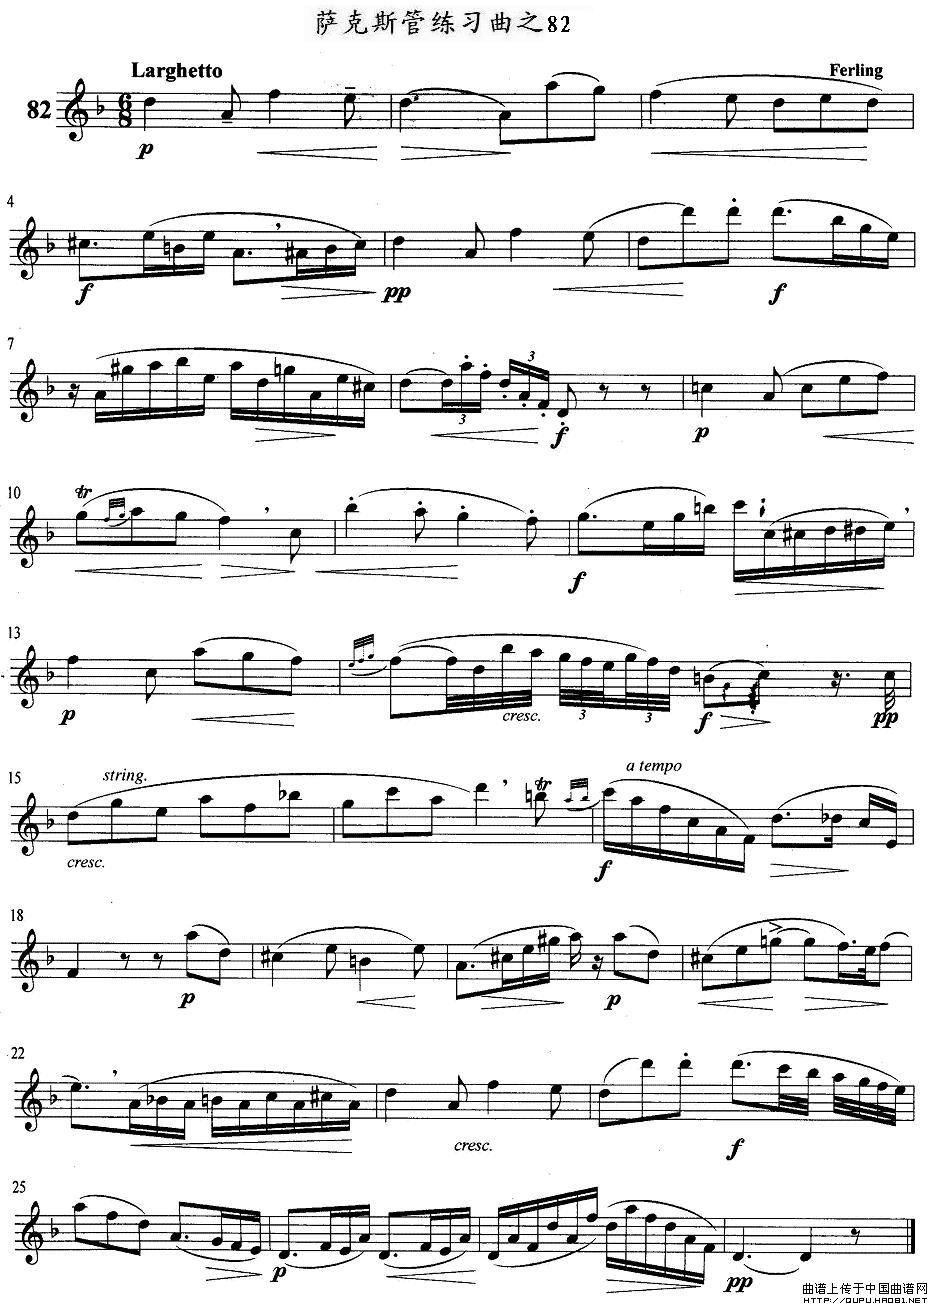 萨克斯练习曲之82简谱